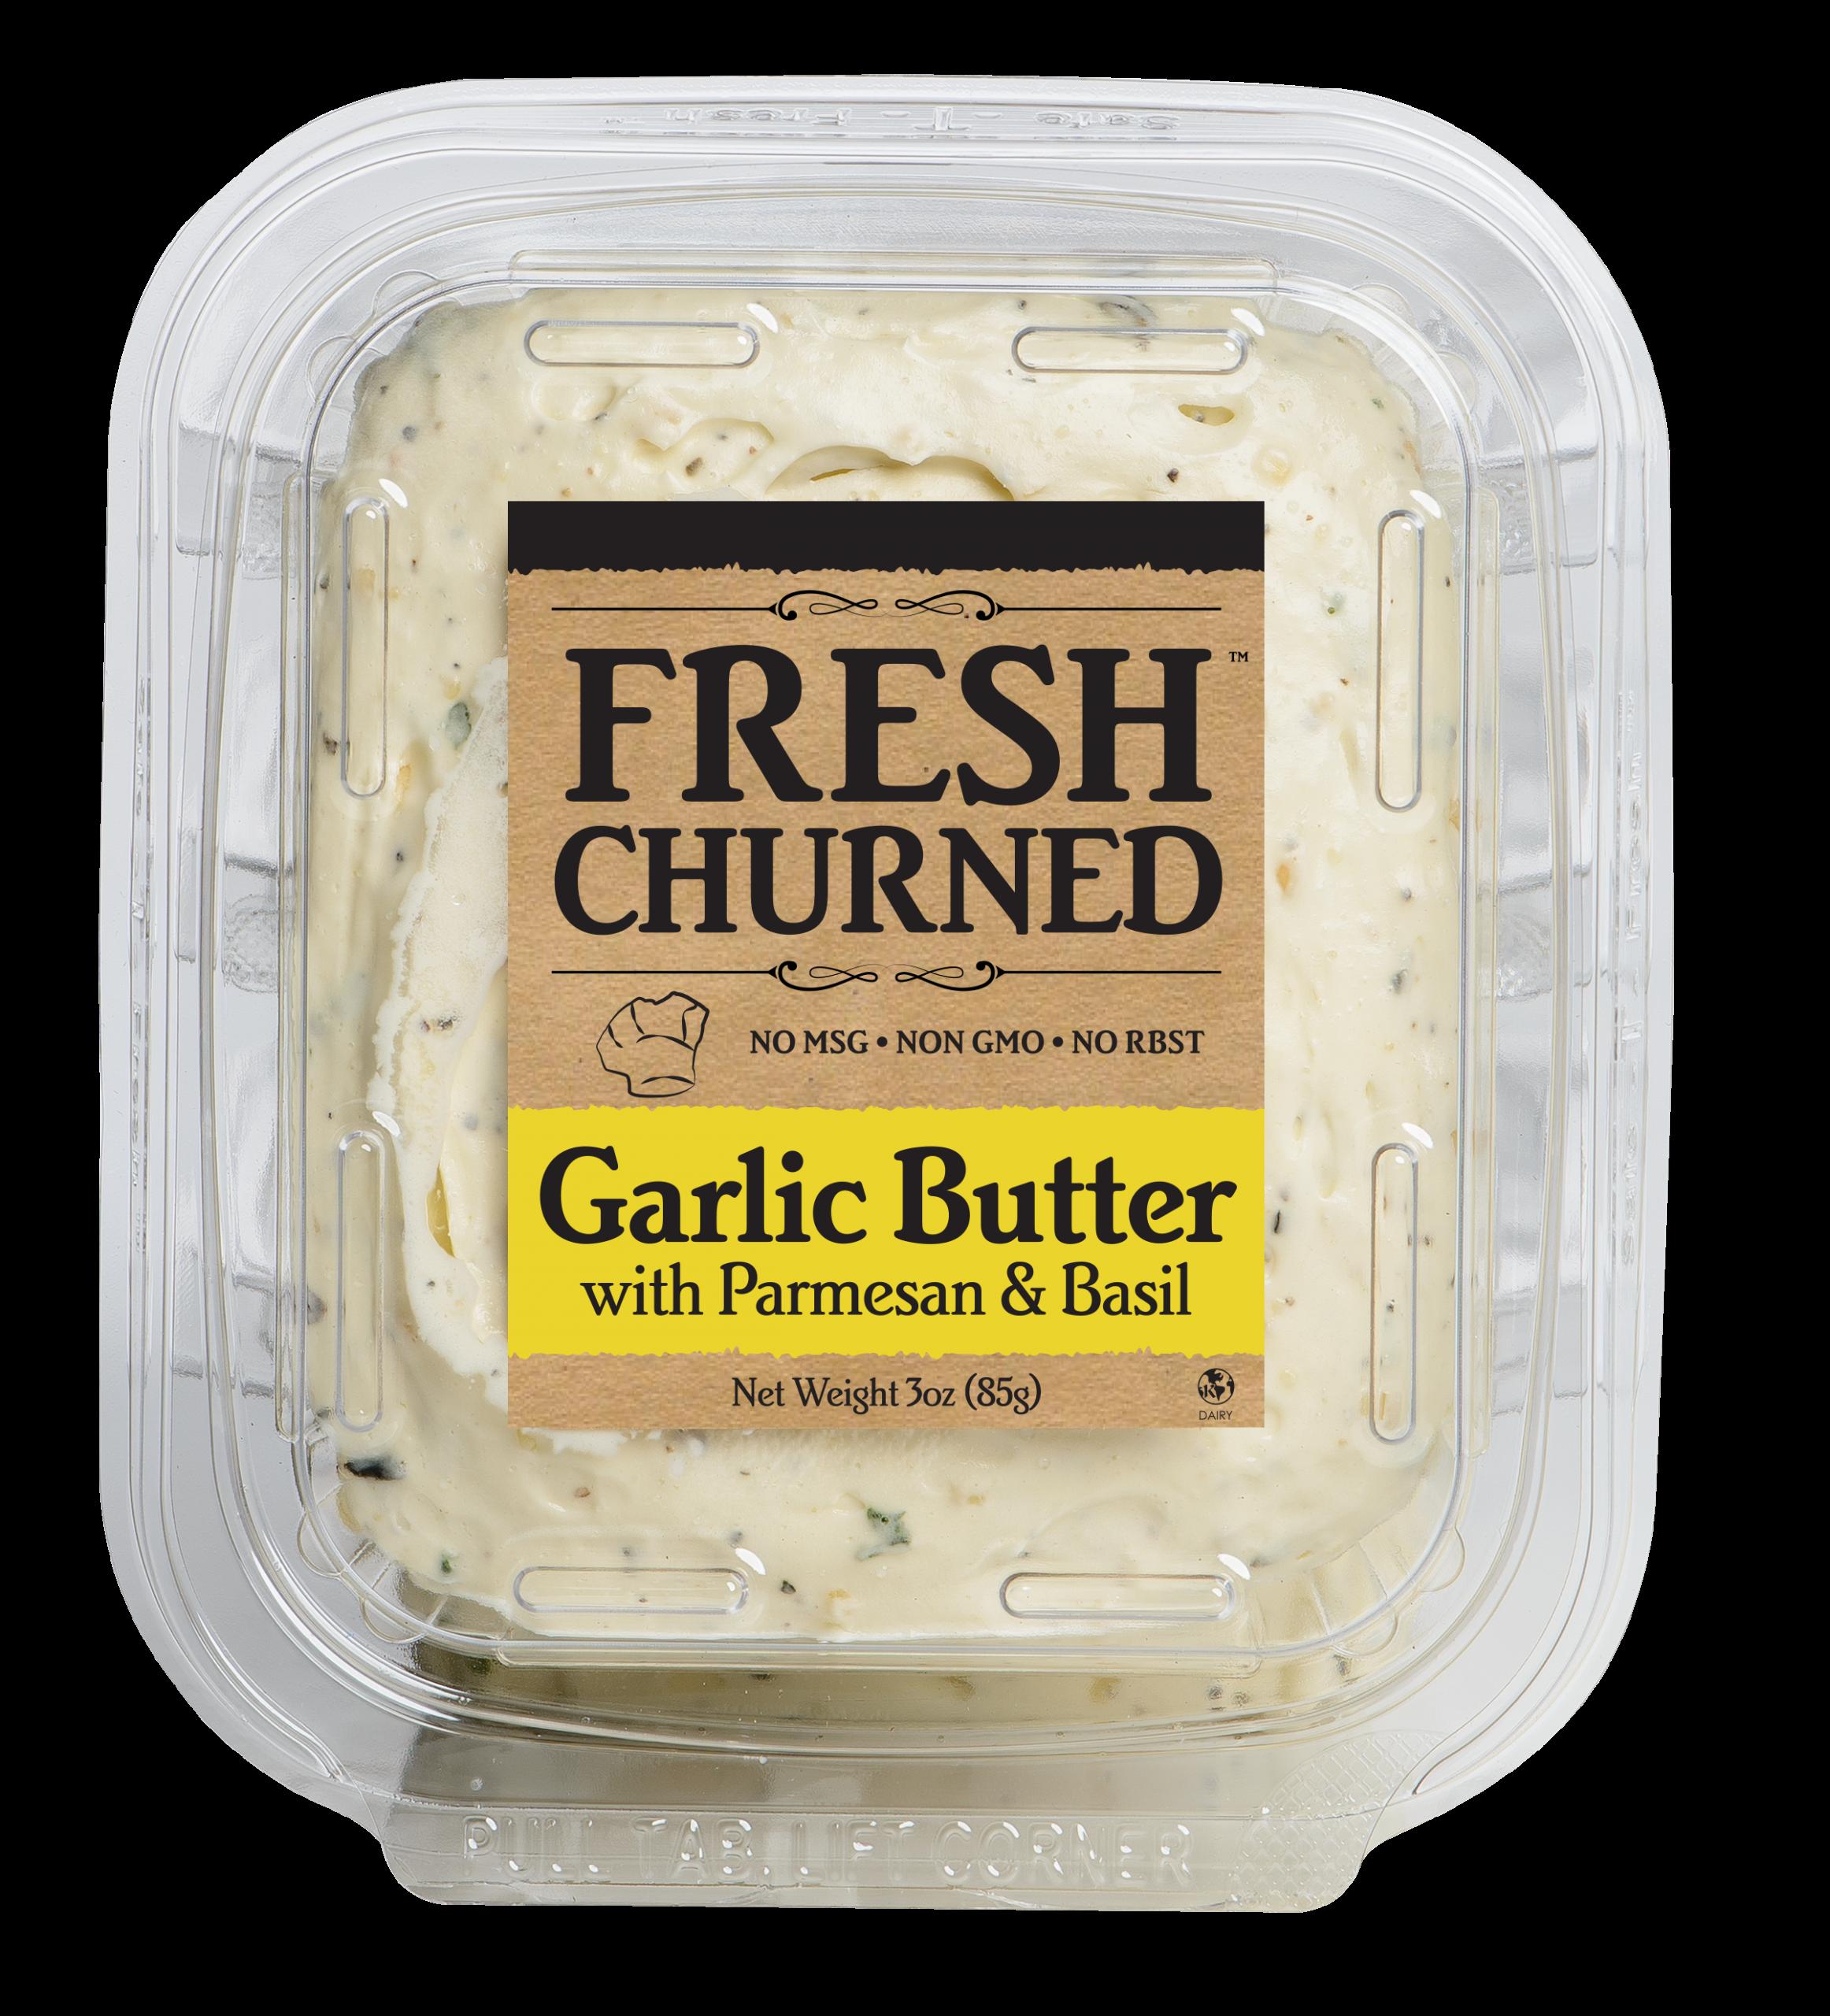 Garlic Butter